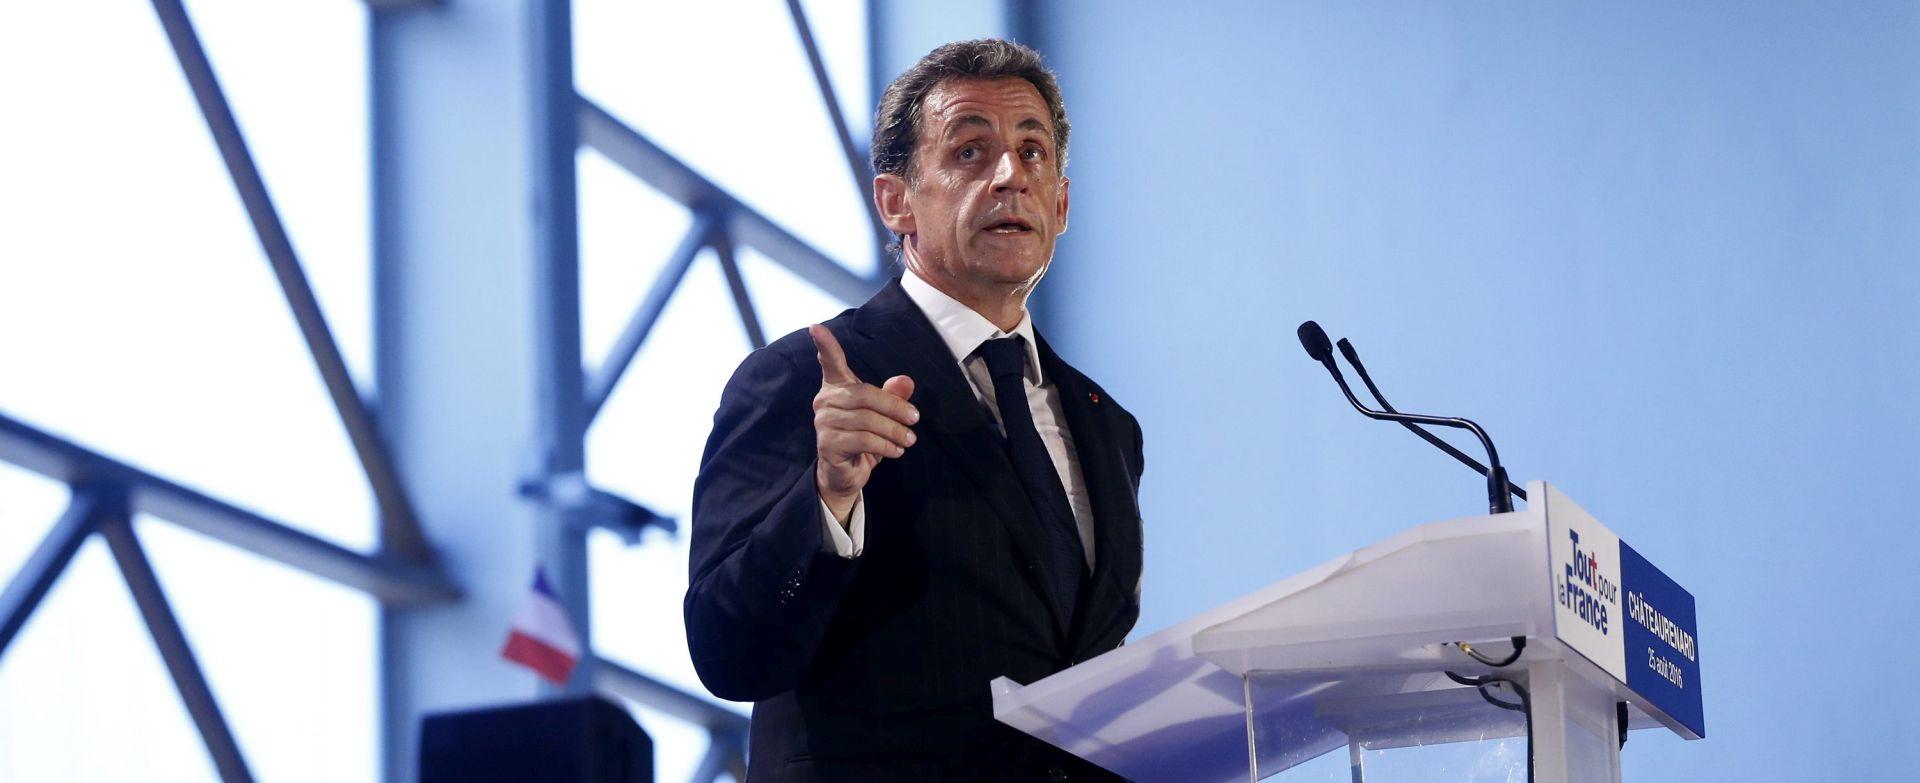 Uhićen bivši francuski predsjednik Nicolas Sarkozy